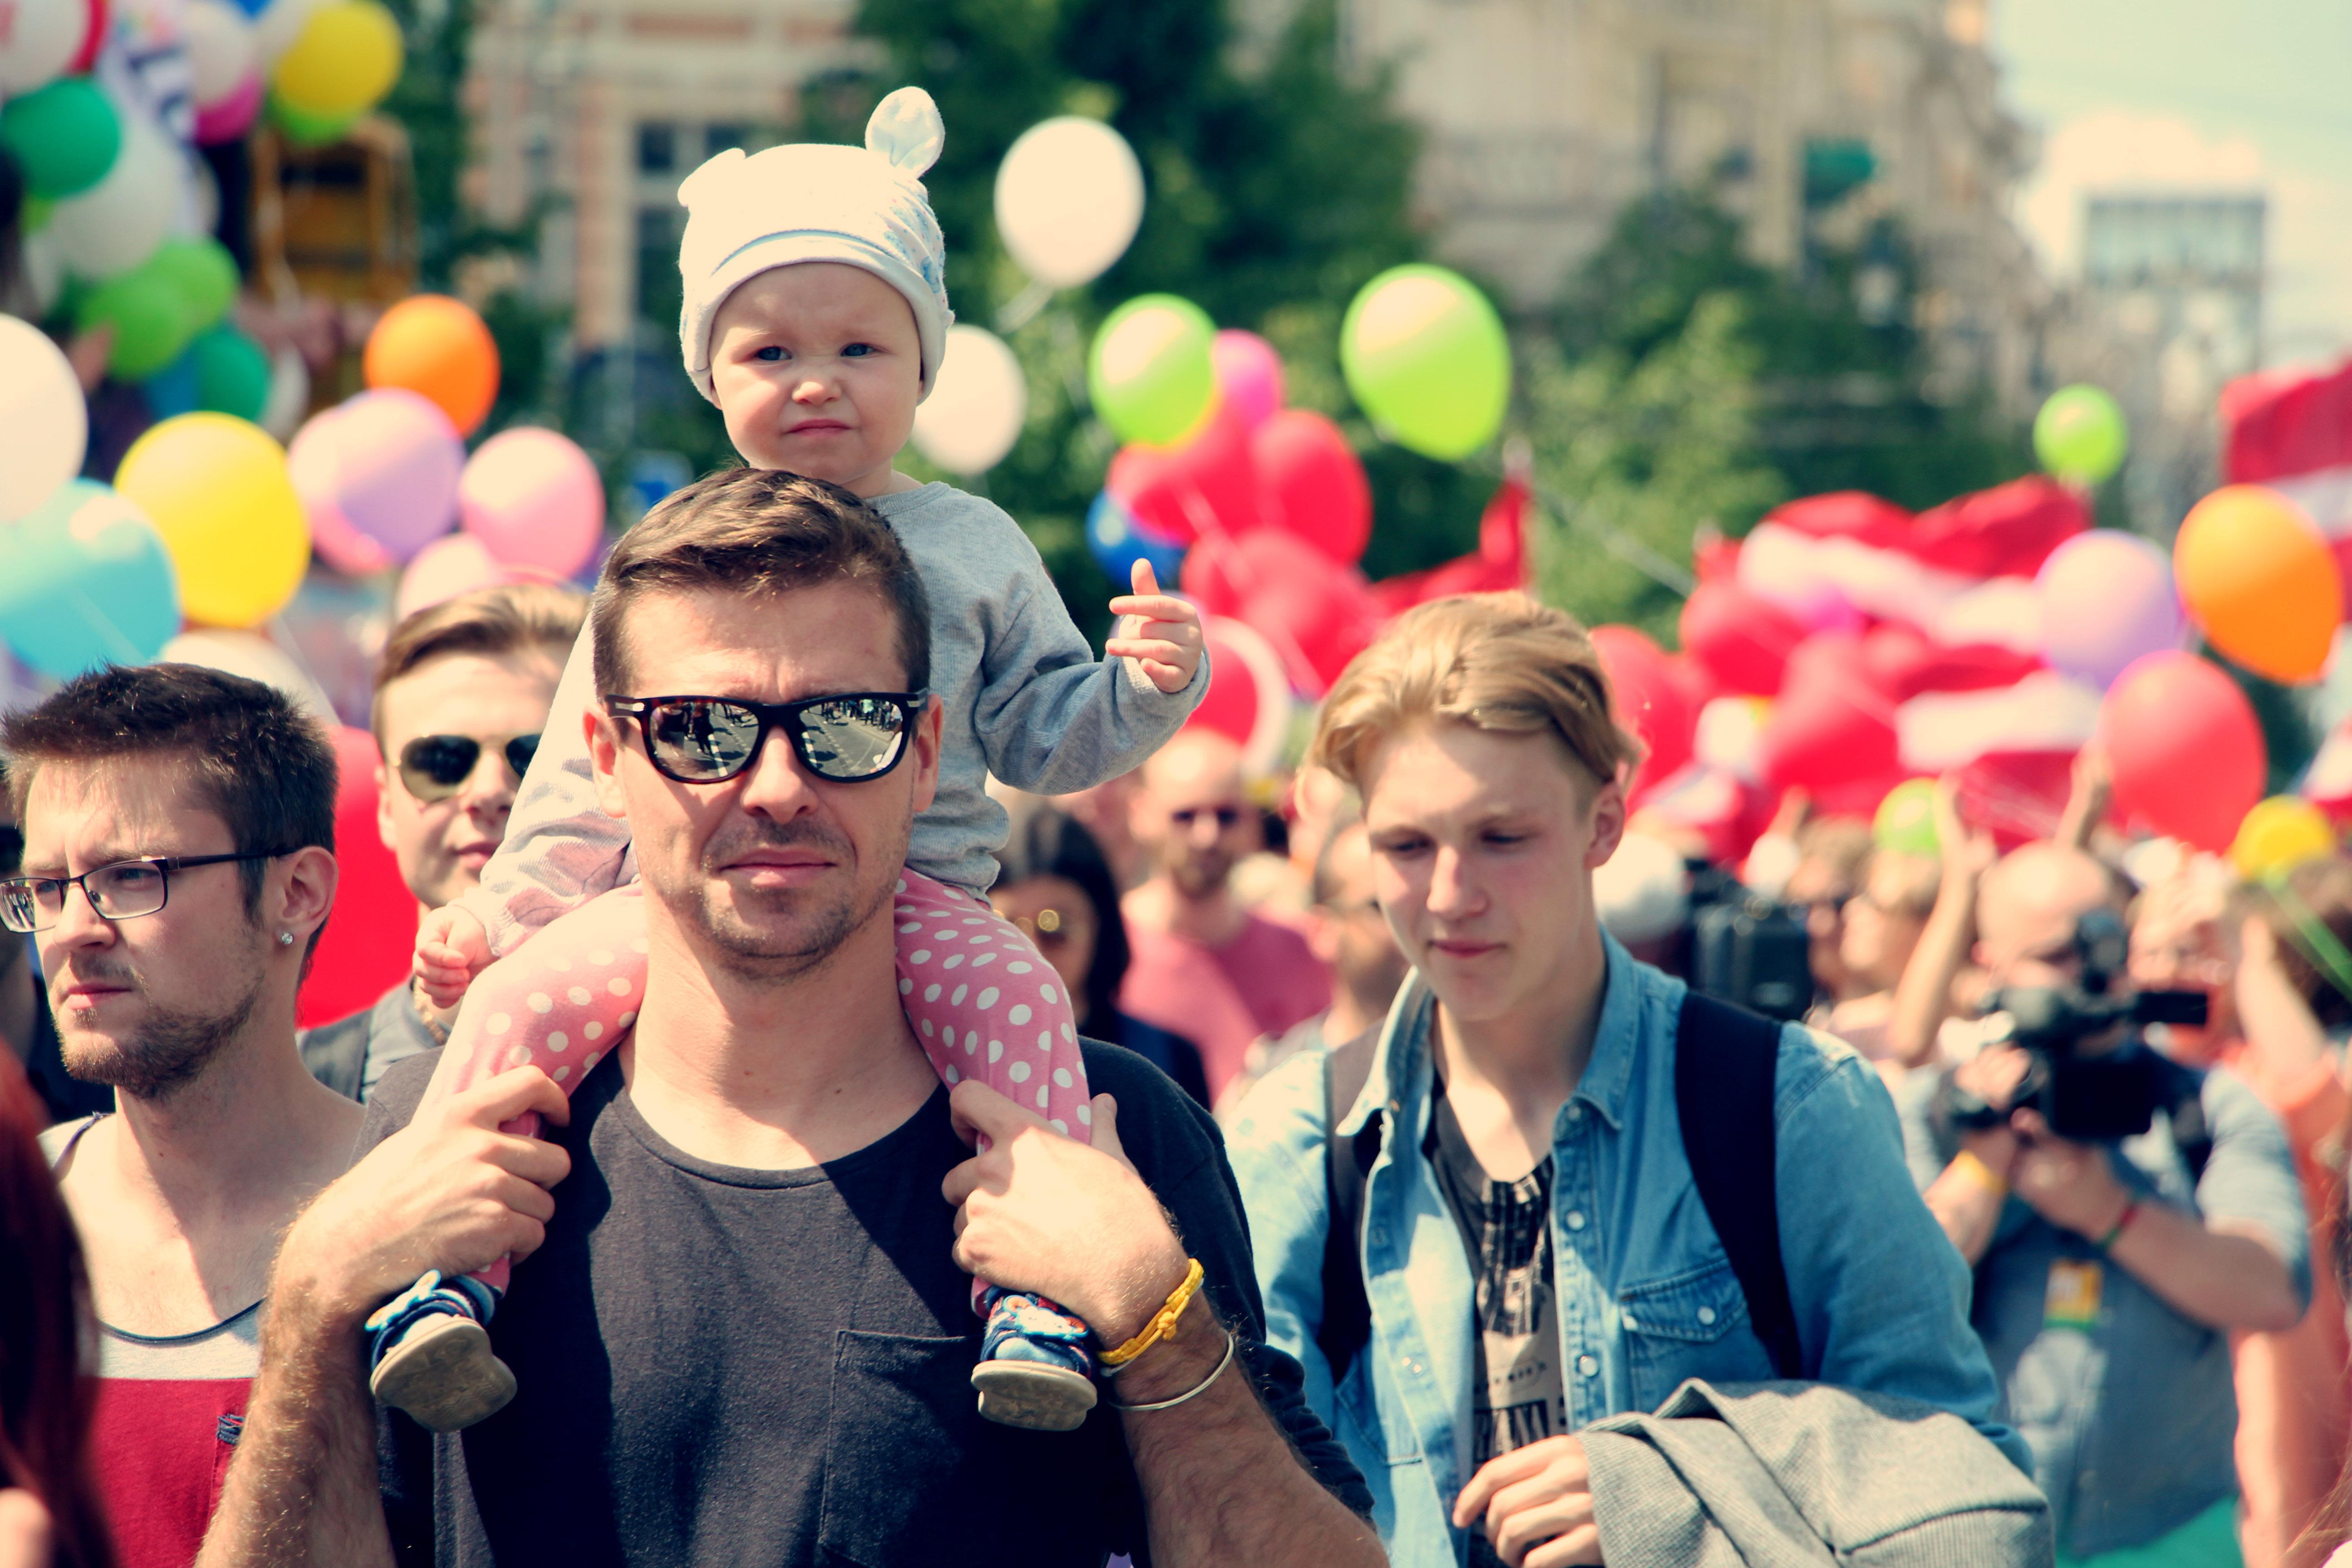 Baltic Pride 2016